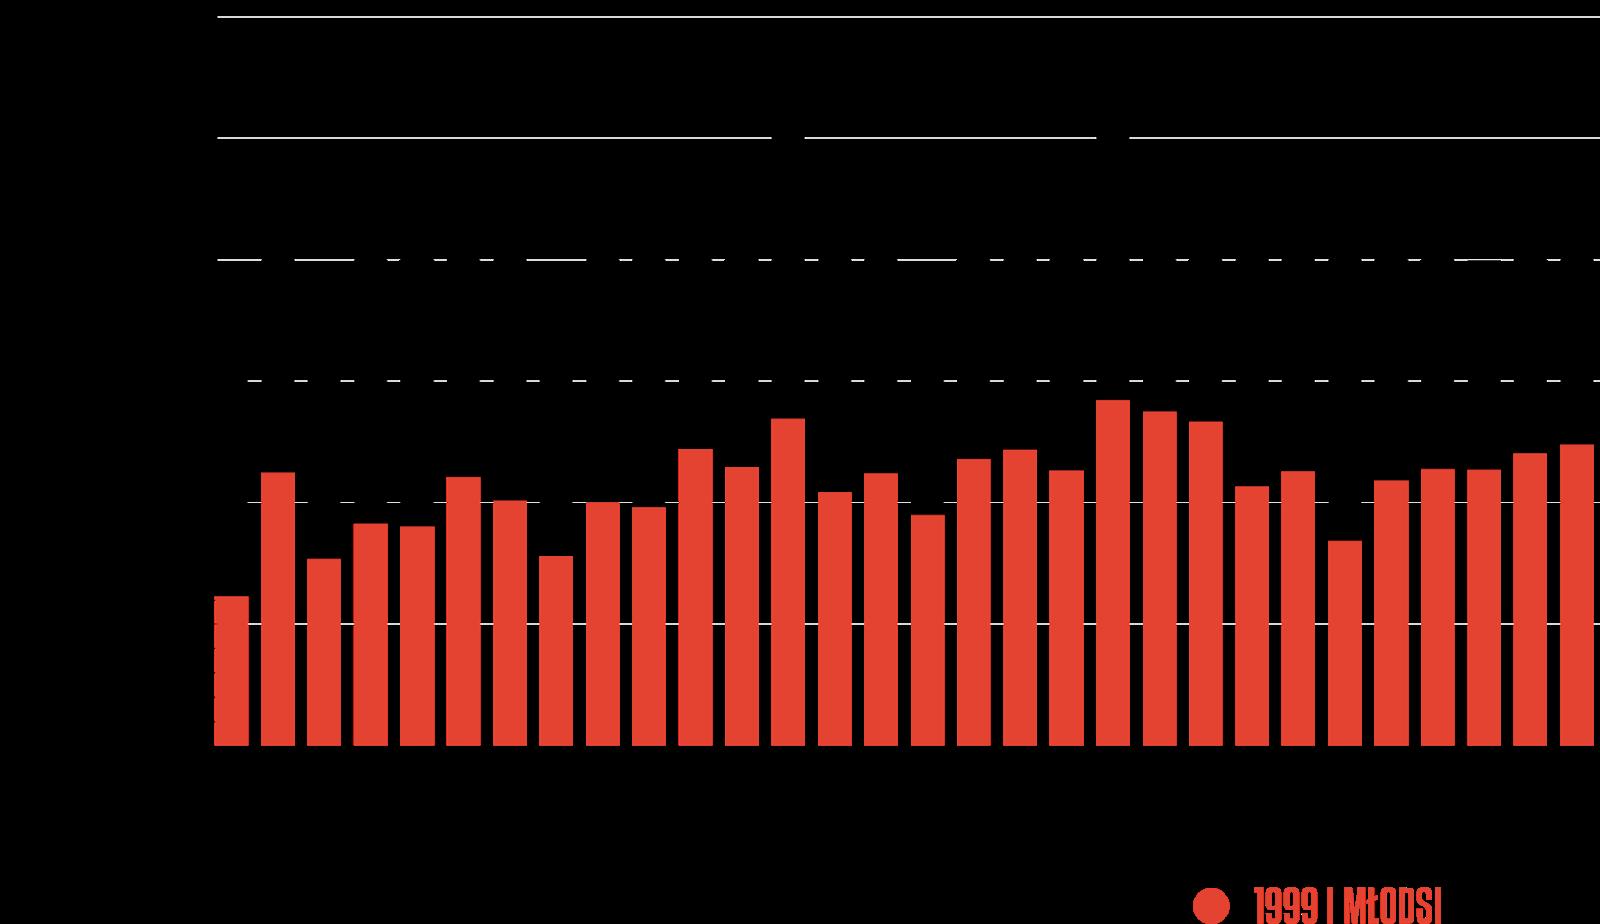 Rozegrany czas przez młodzieżowców w poszczególnych kolejkach PKO Ekstraklasy 2019/20<br><br>Źródło: Opracowanie własne na podstawie ekstrastats.pl<br><br>graf. Bartosz Urban